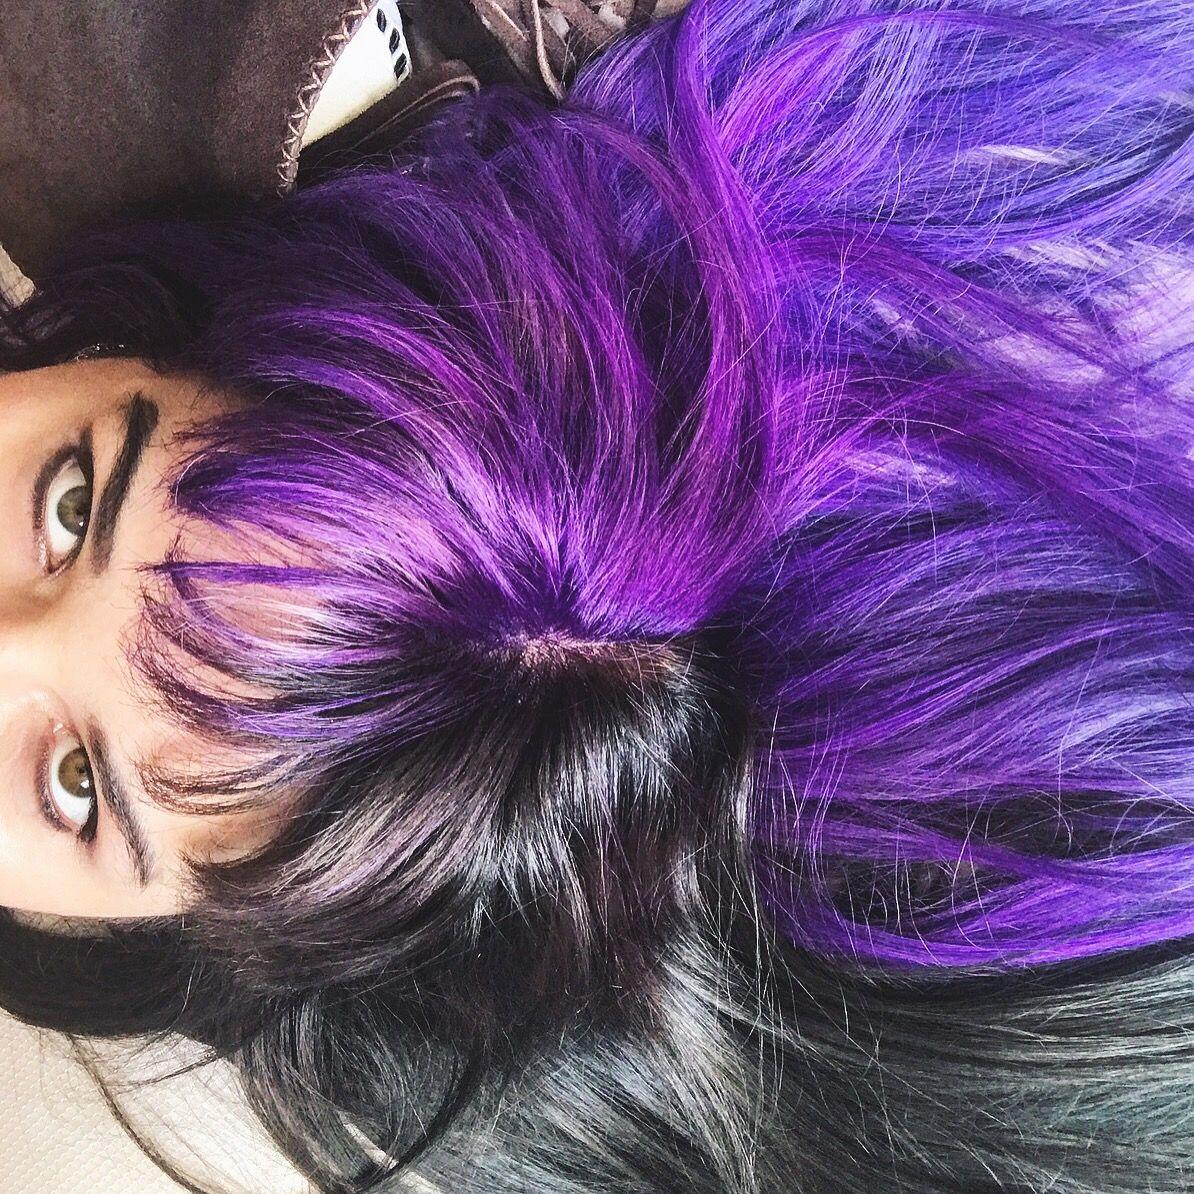 Black Hair Purple Hair Half And Half Hair Two Colors Two Colored Hair Colored Hair Fantasy Hair Purple Half And Half Hair Split Dyed Hair Two Color Hair